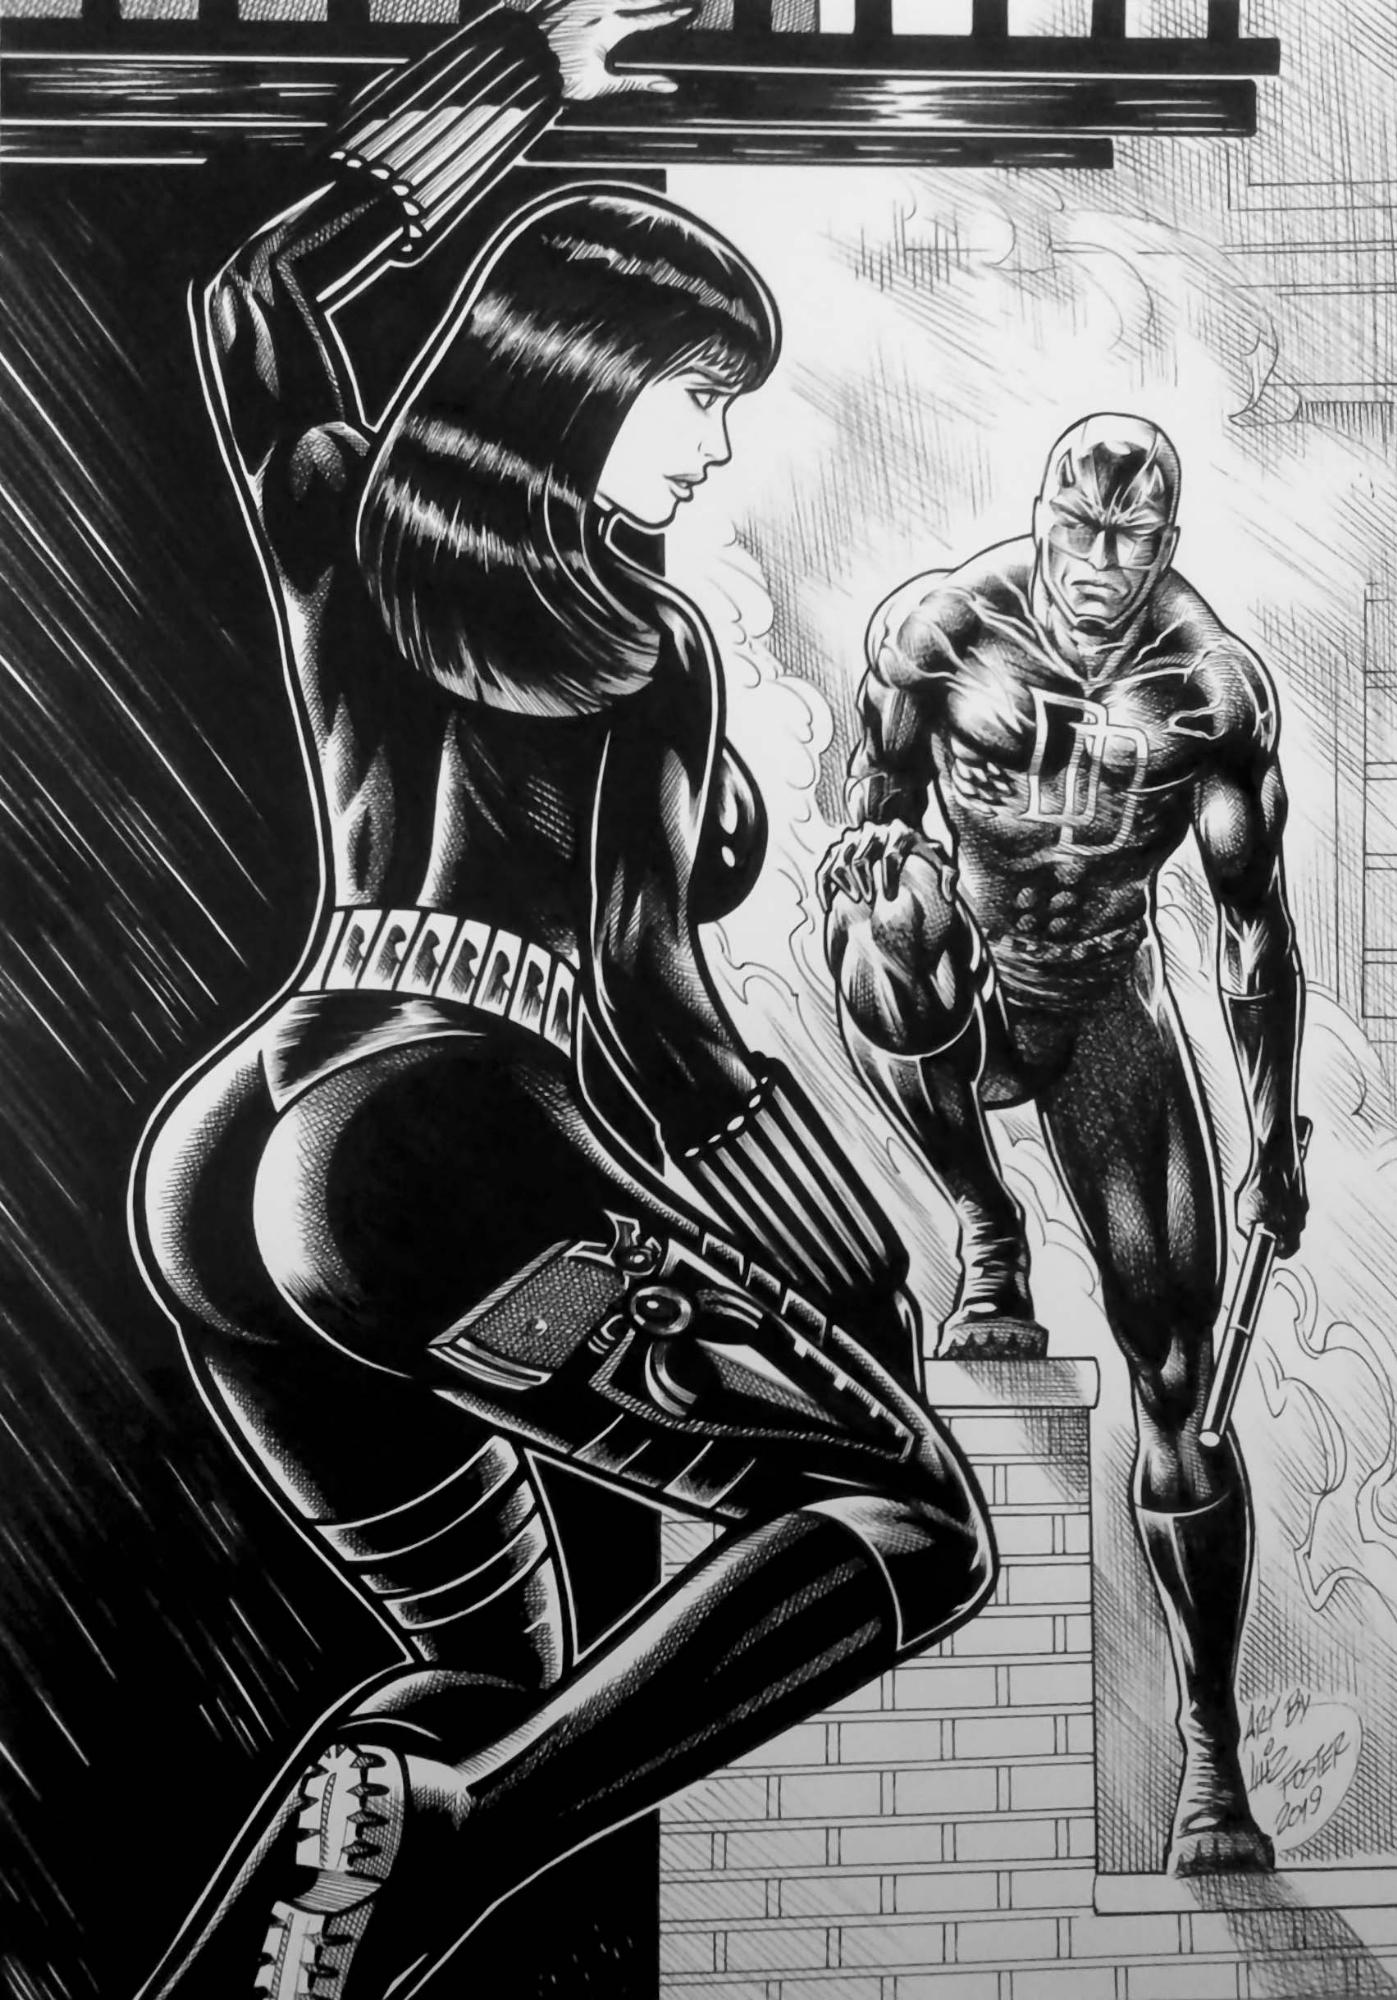 Black Widow and Daredevil by tzahler on DeviantArt